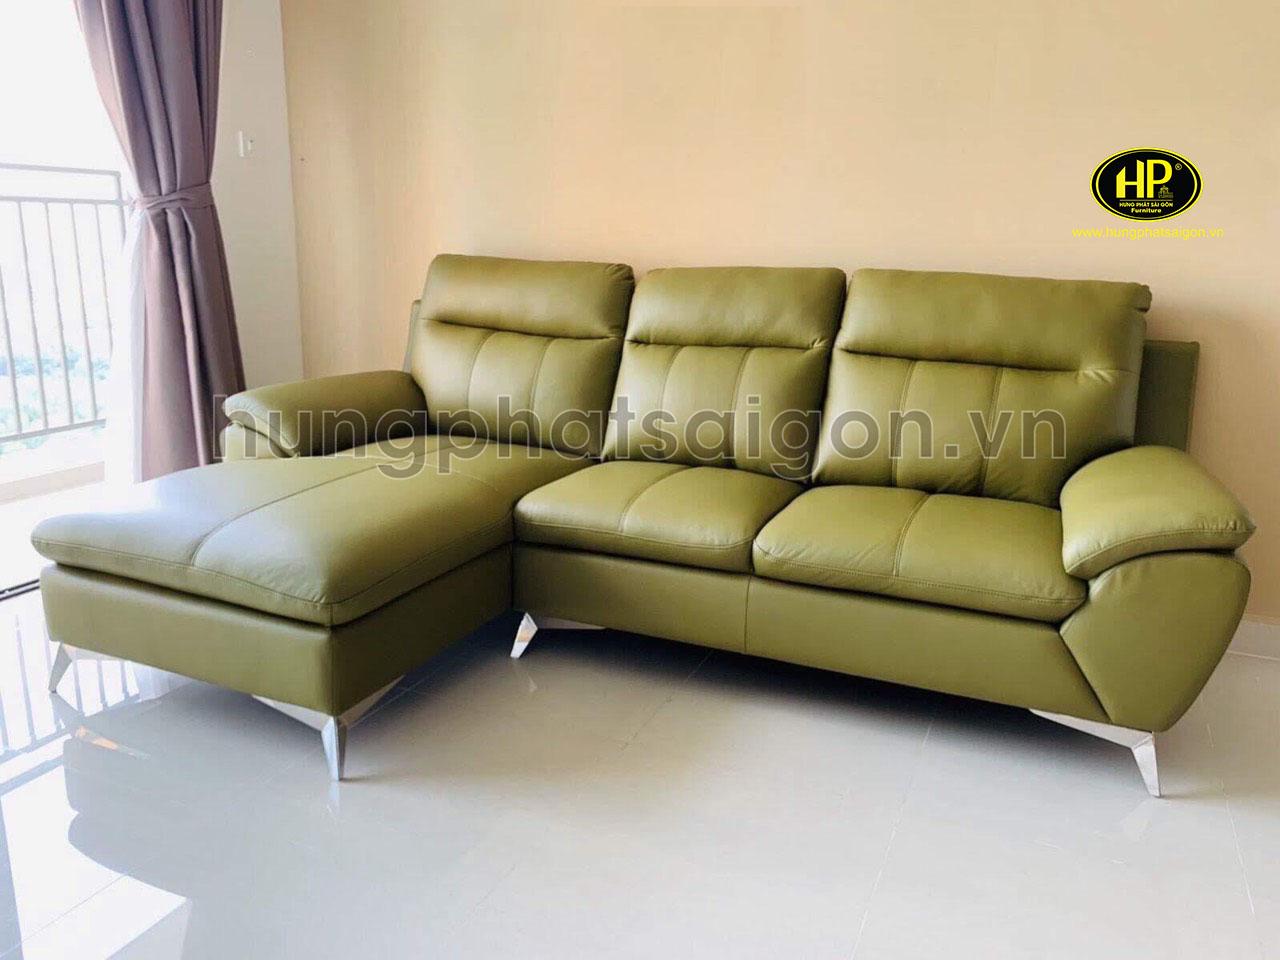 sofa-da-hd-54